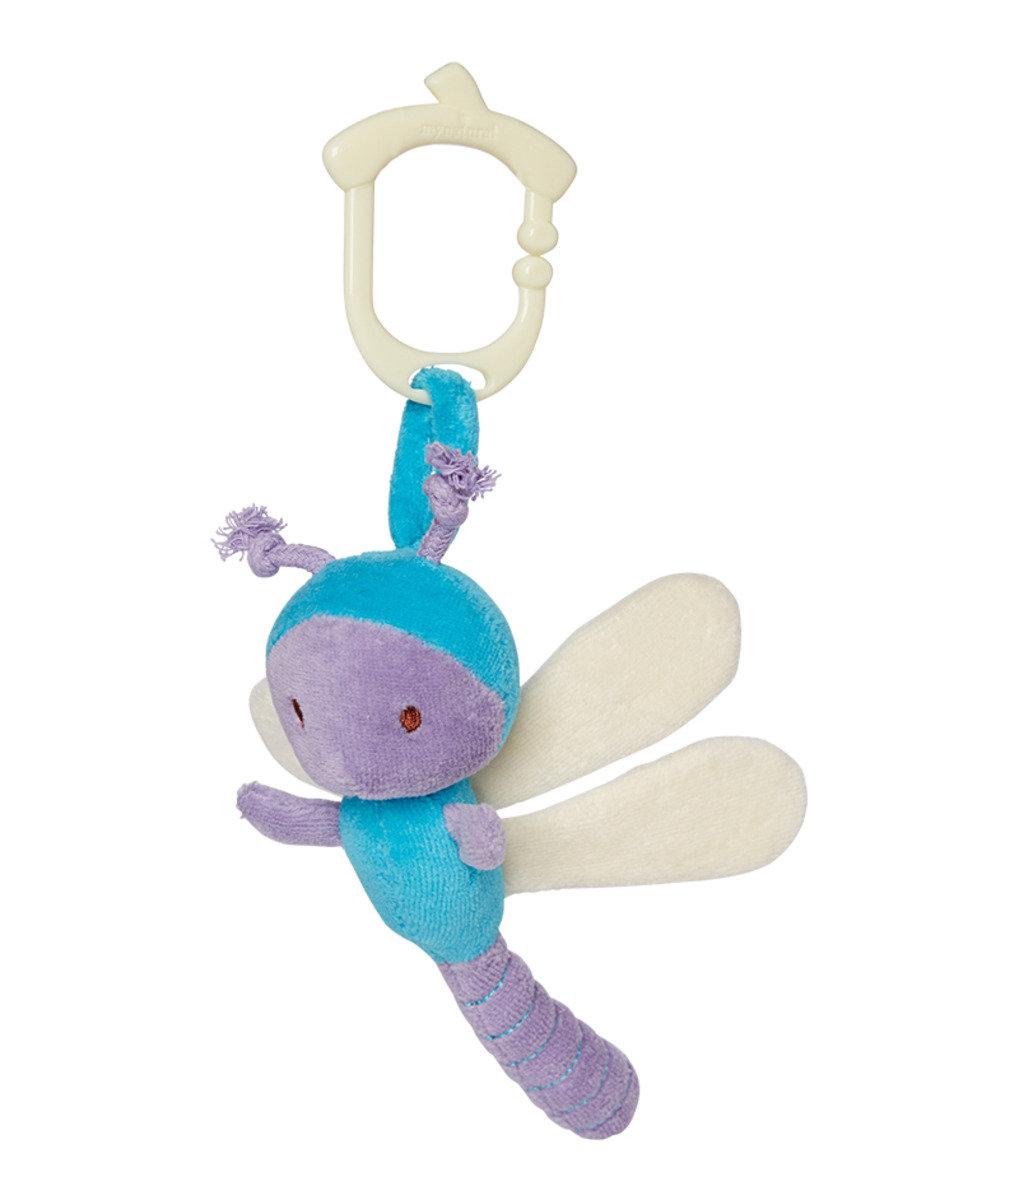 美國紐約My Natural™Clip n Go有機棉吊掛感官玩具 - 小蜻蜓